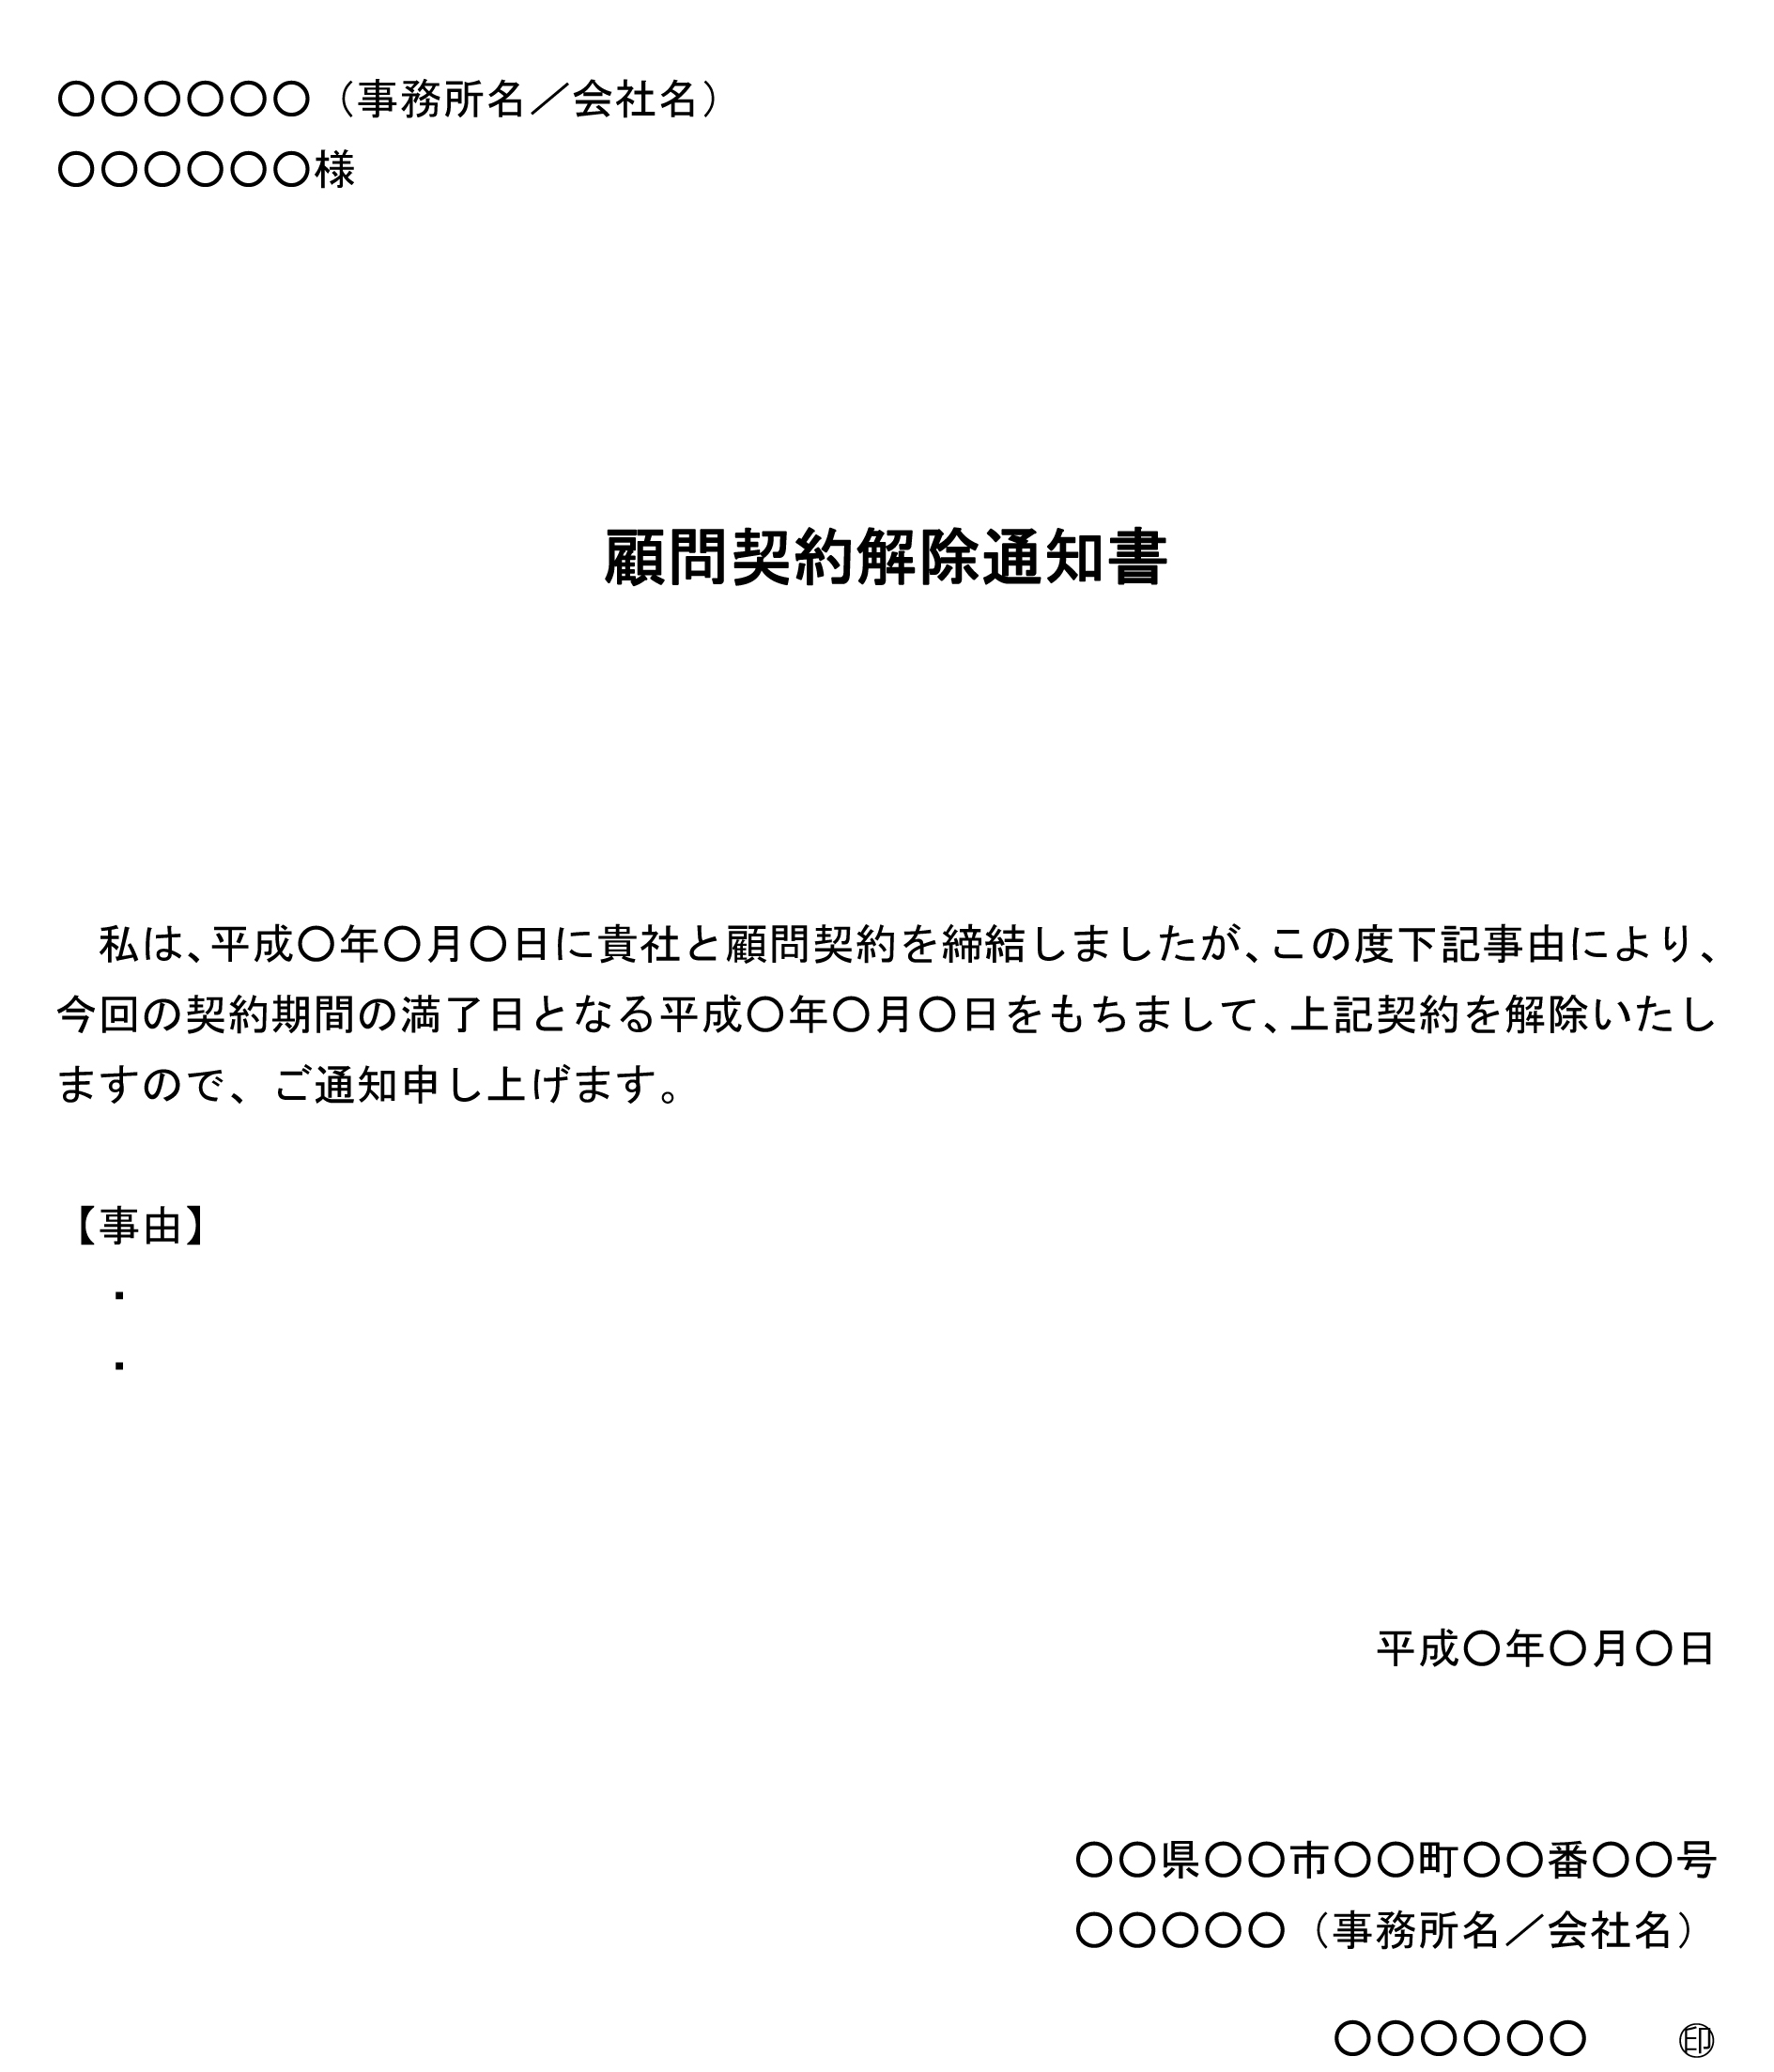 顧問契約解除通知書(期間満了)